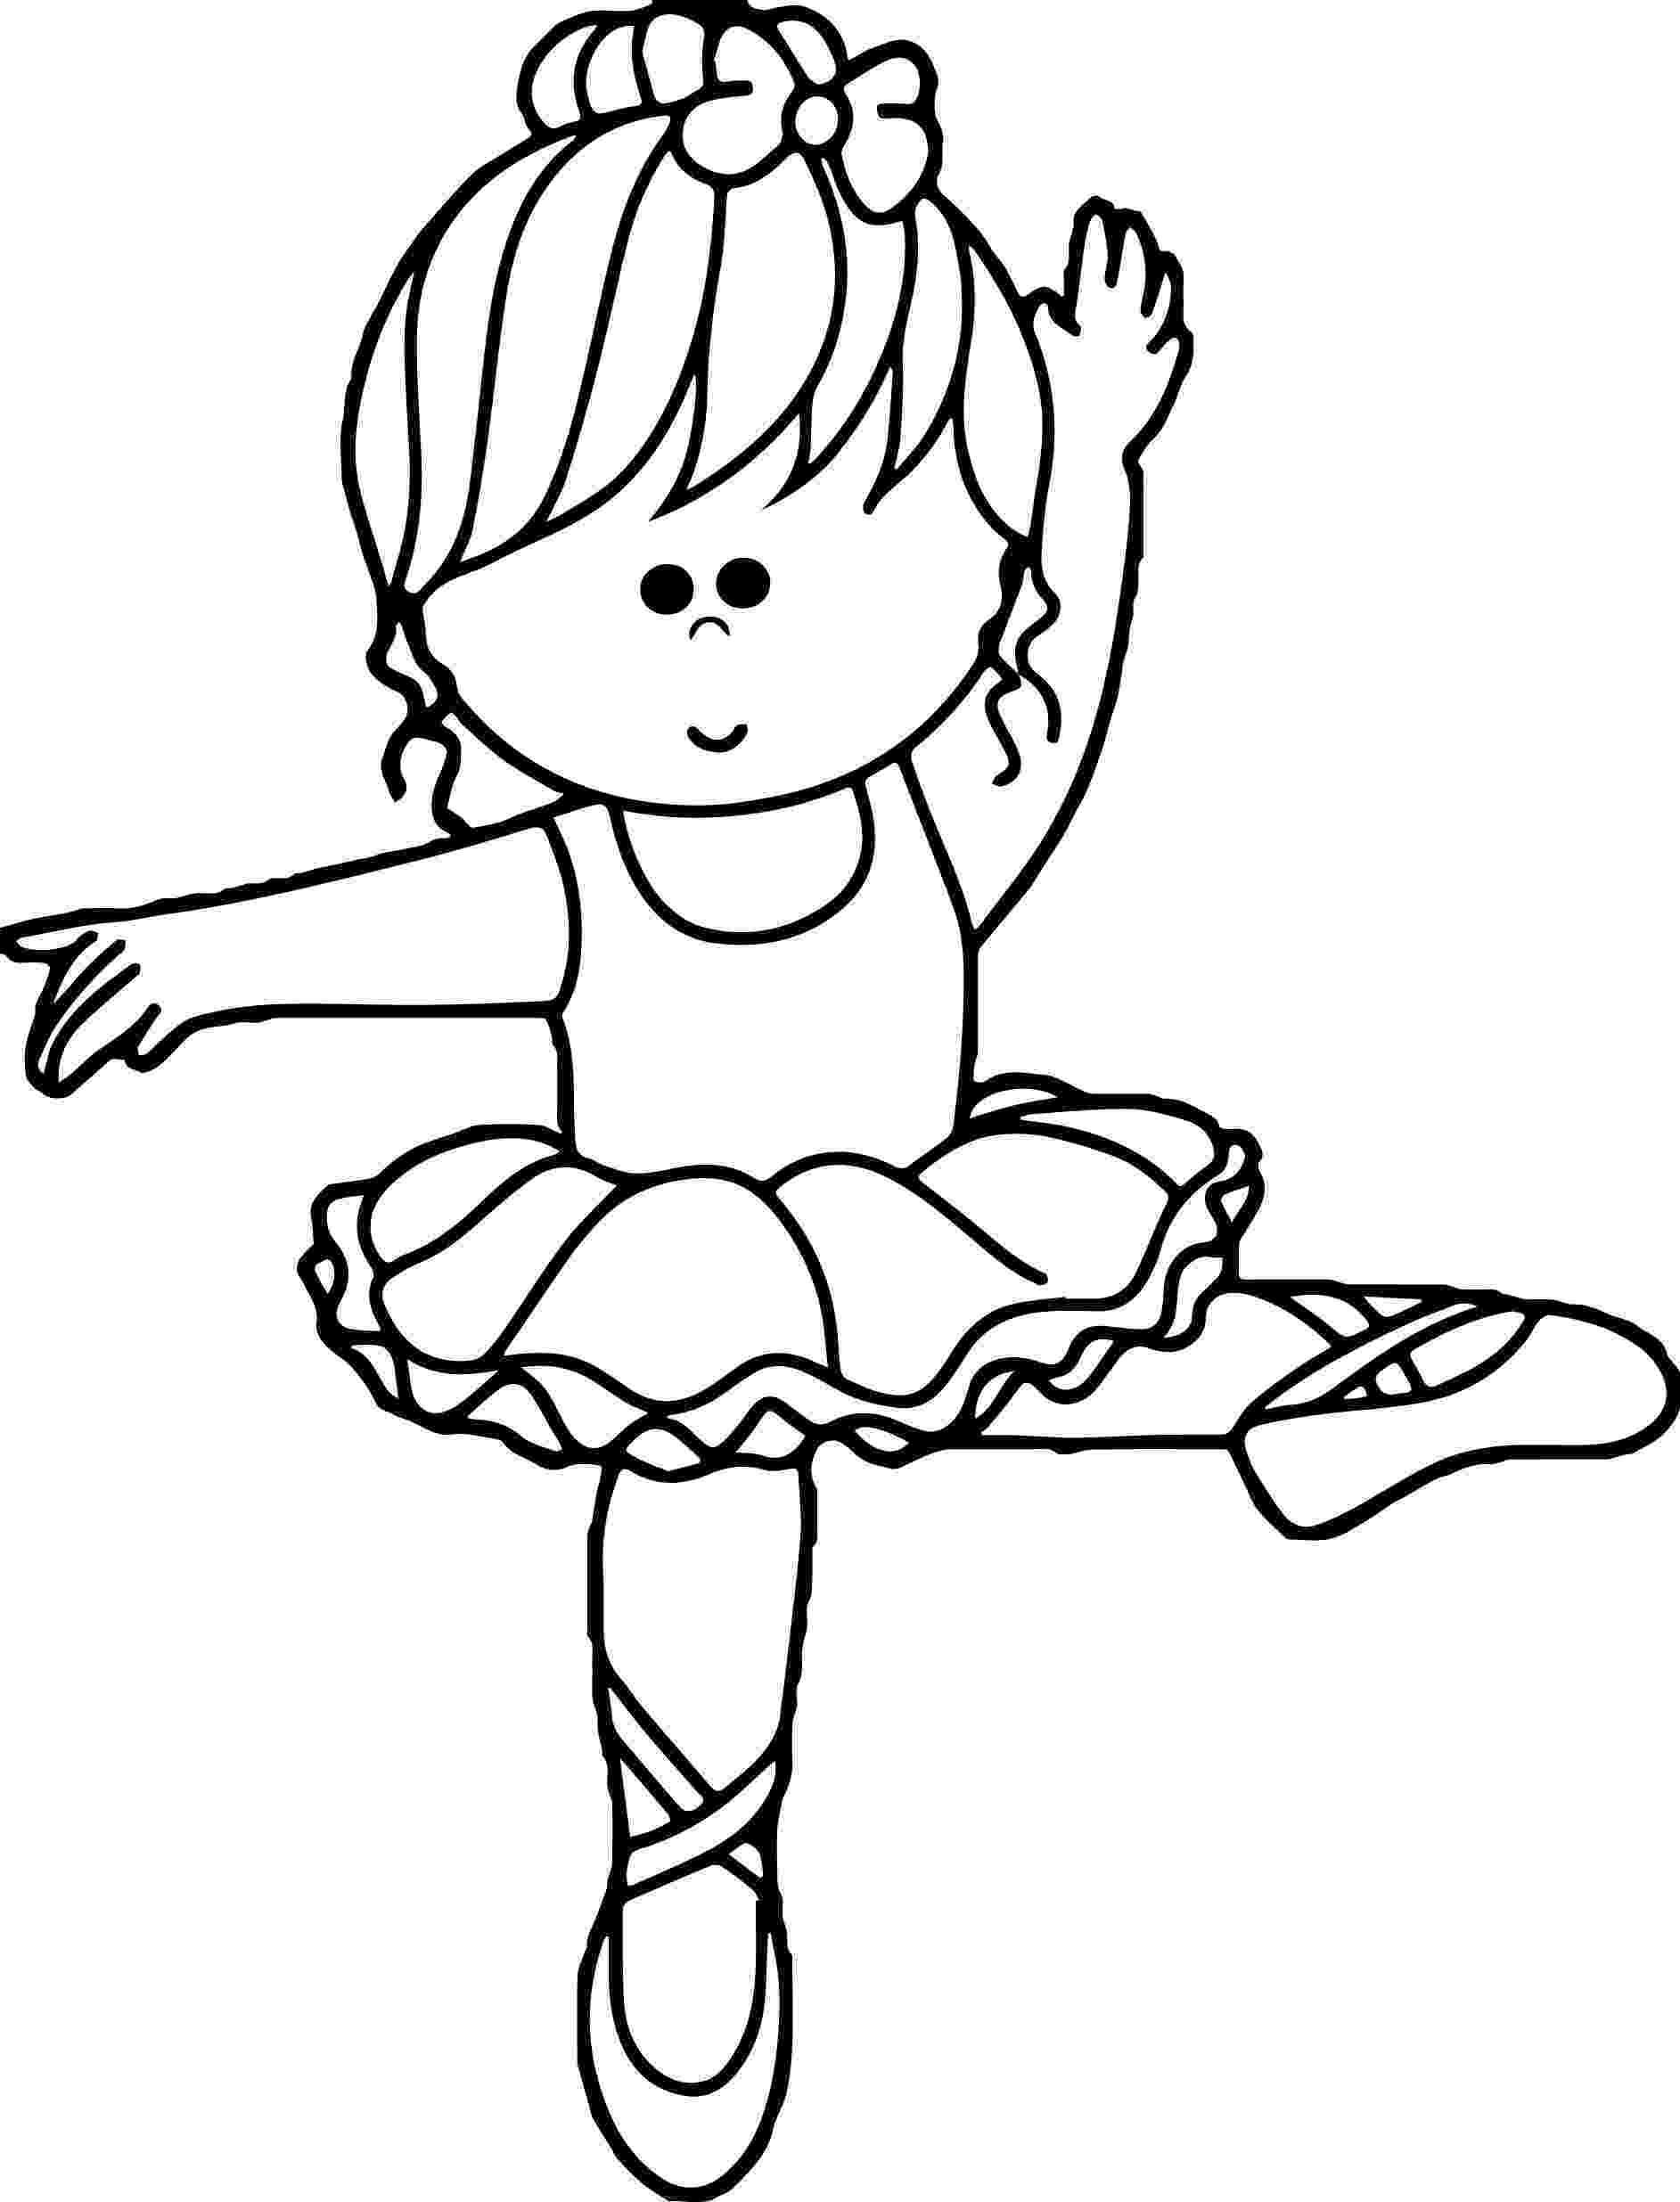 ballet colouring pictures cartoon ballerina coloring page ballerina coloring pages pictures ballet colouring